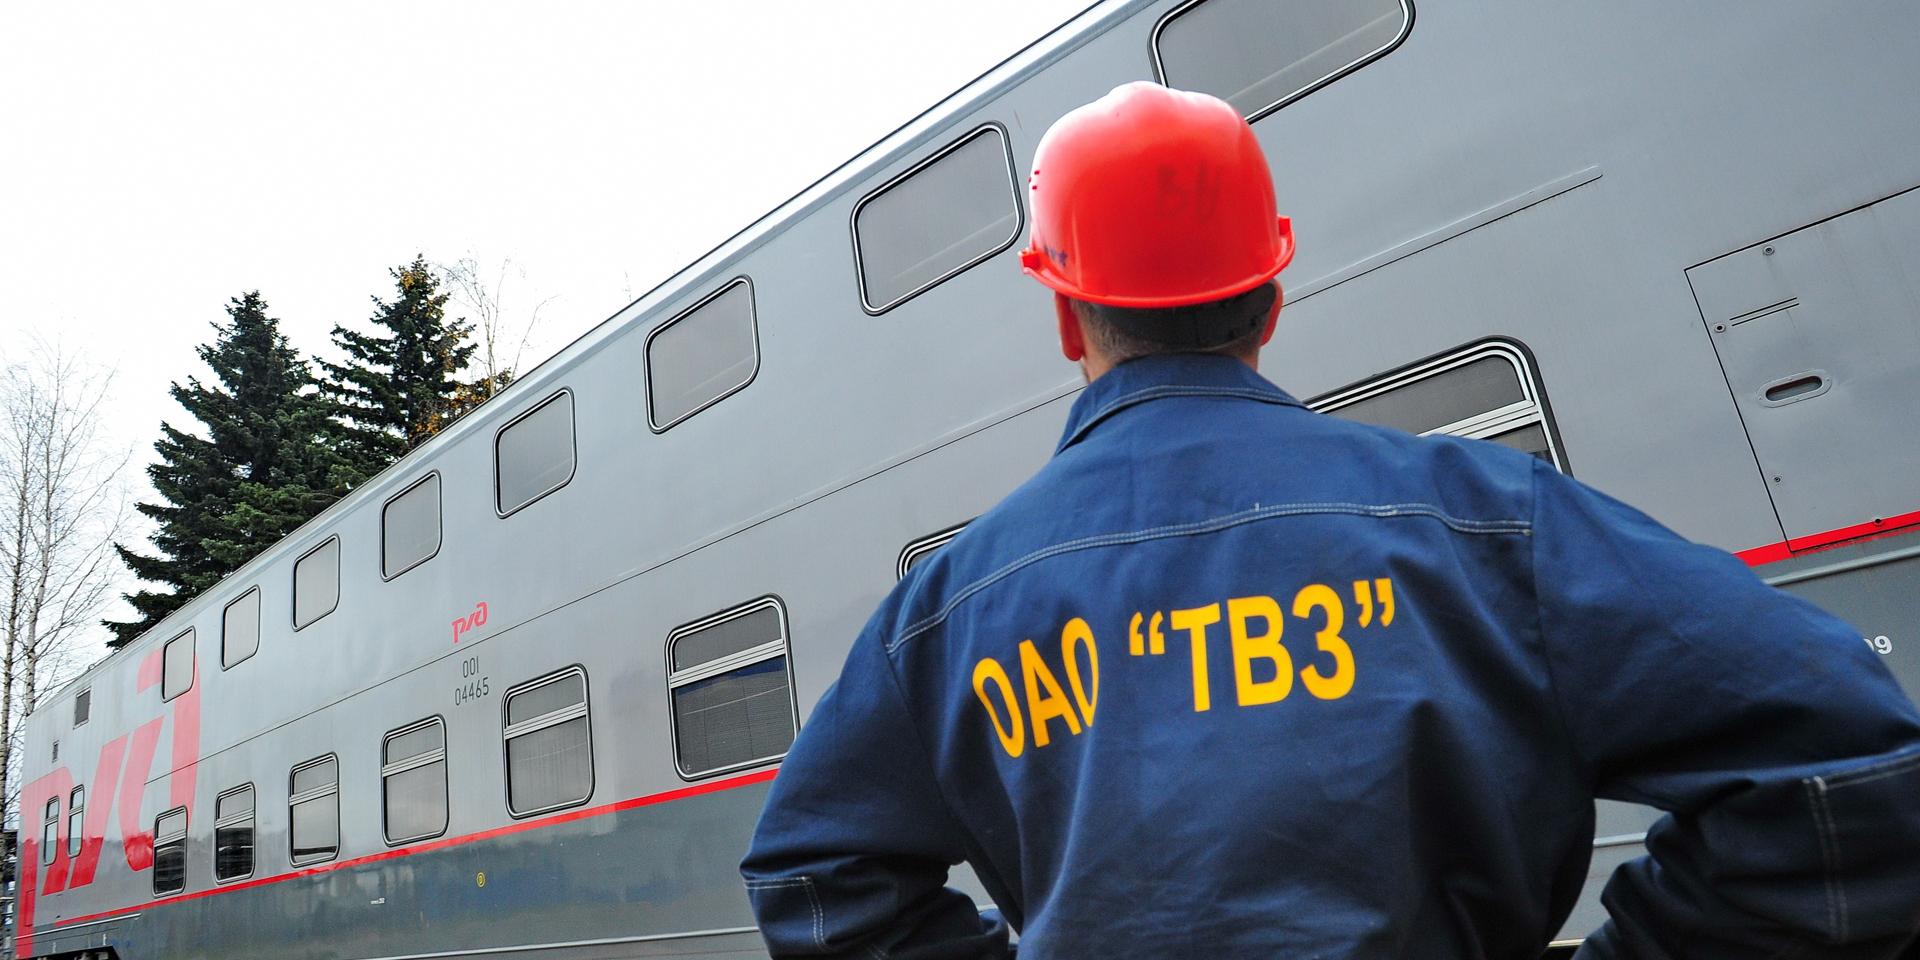 Первый сидячий двухэтажный вагон изготовлен в России